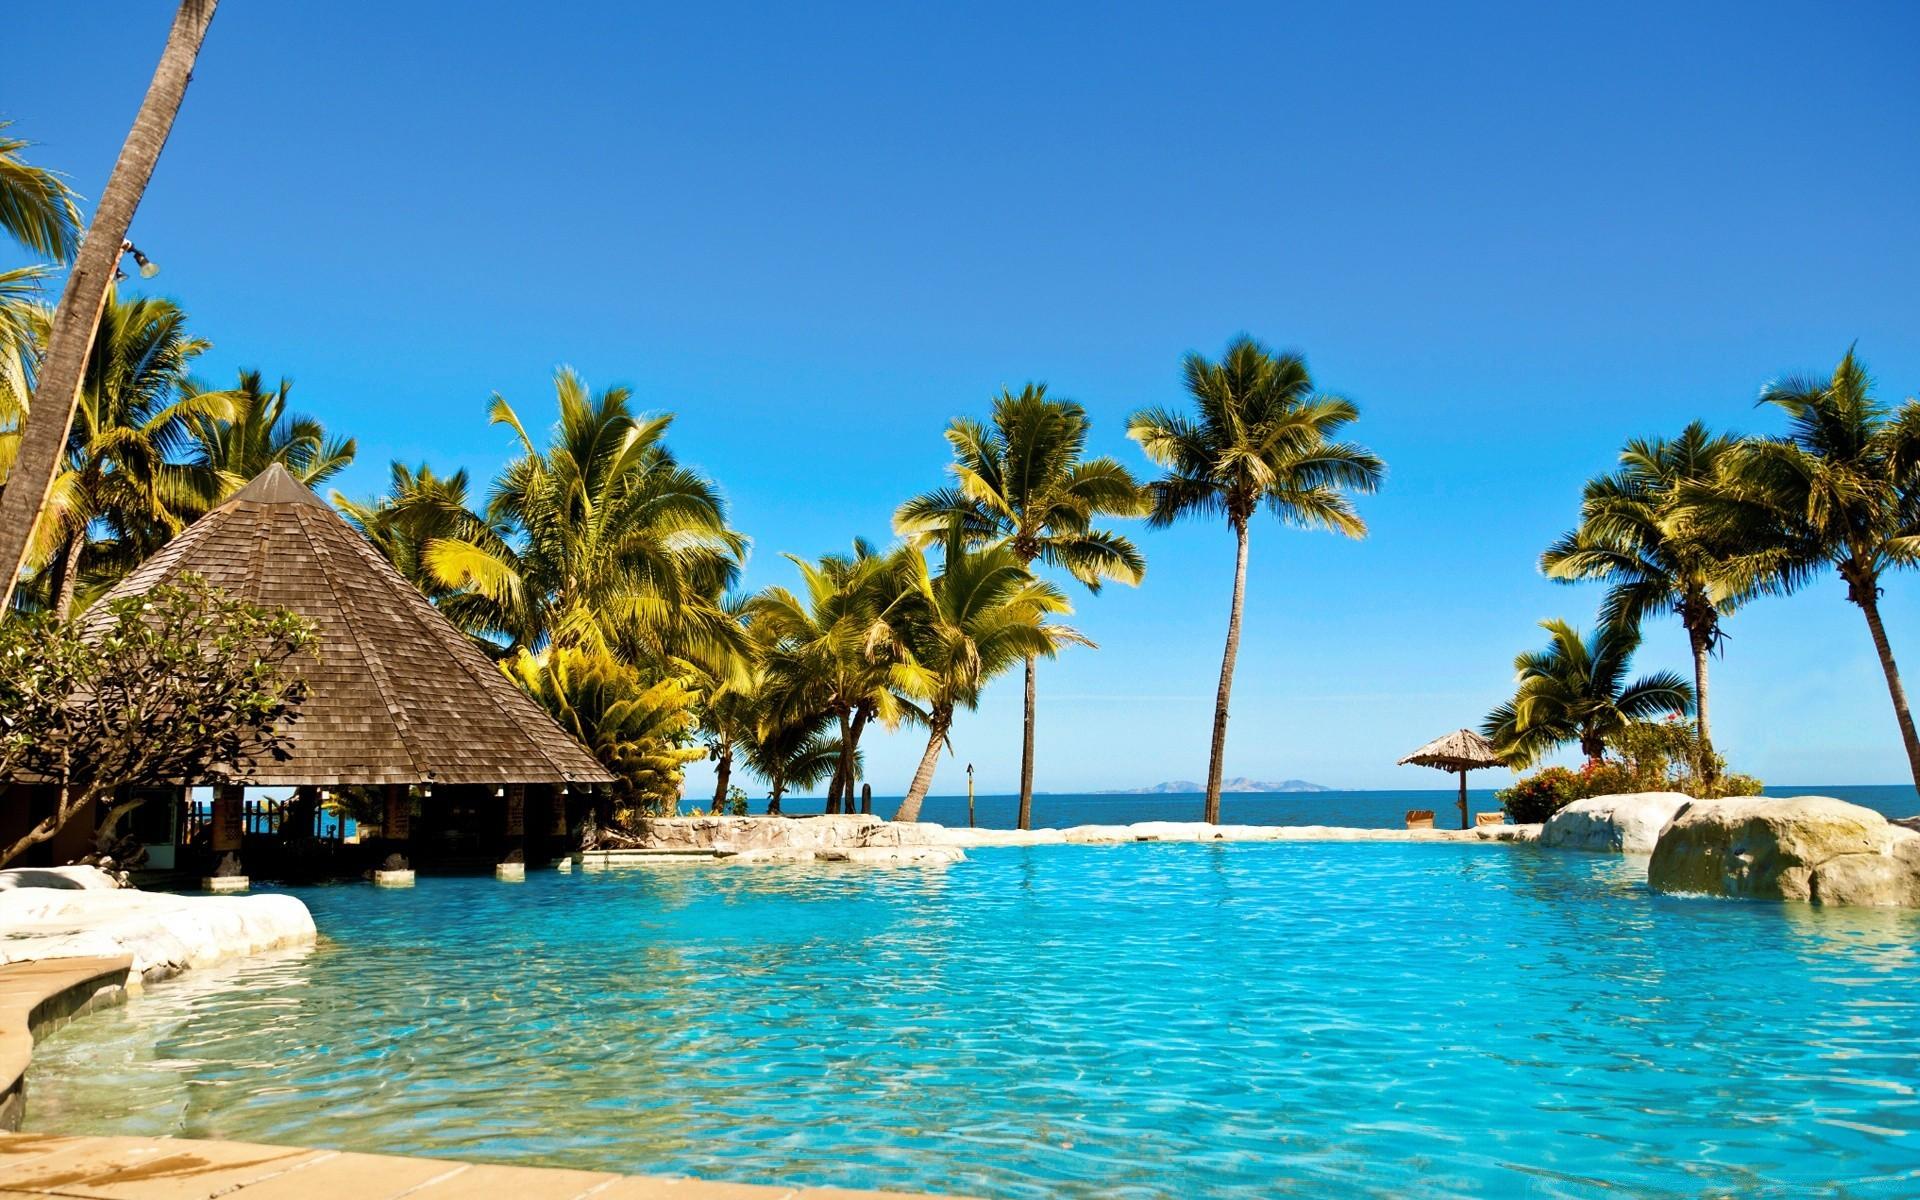 Экзотика фото обои для рабочего стола пальмы море острова